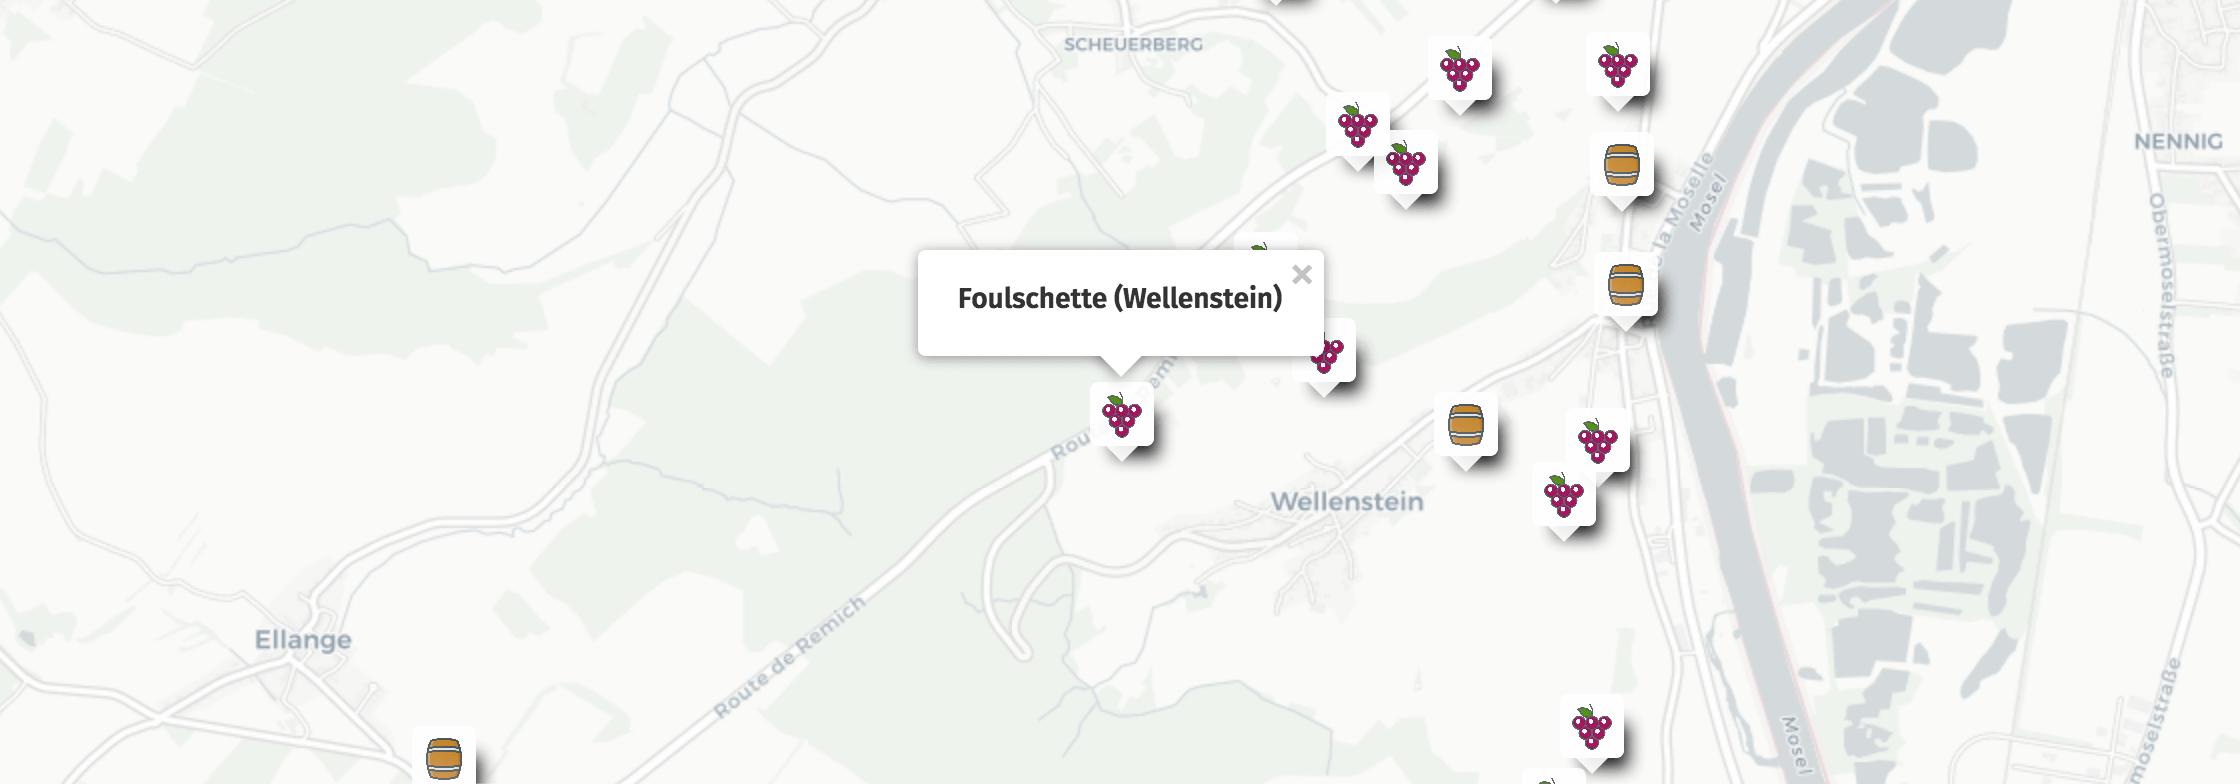 Geolocation of Foulschette wines in Wellenstein